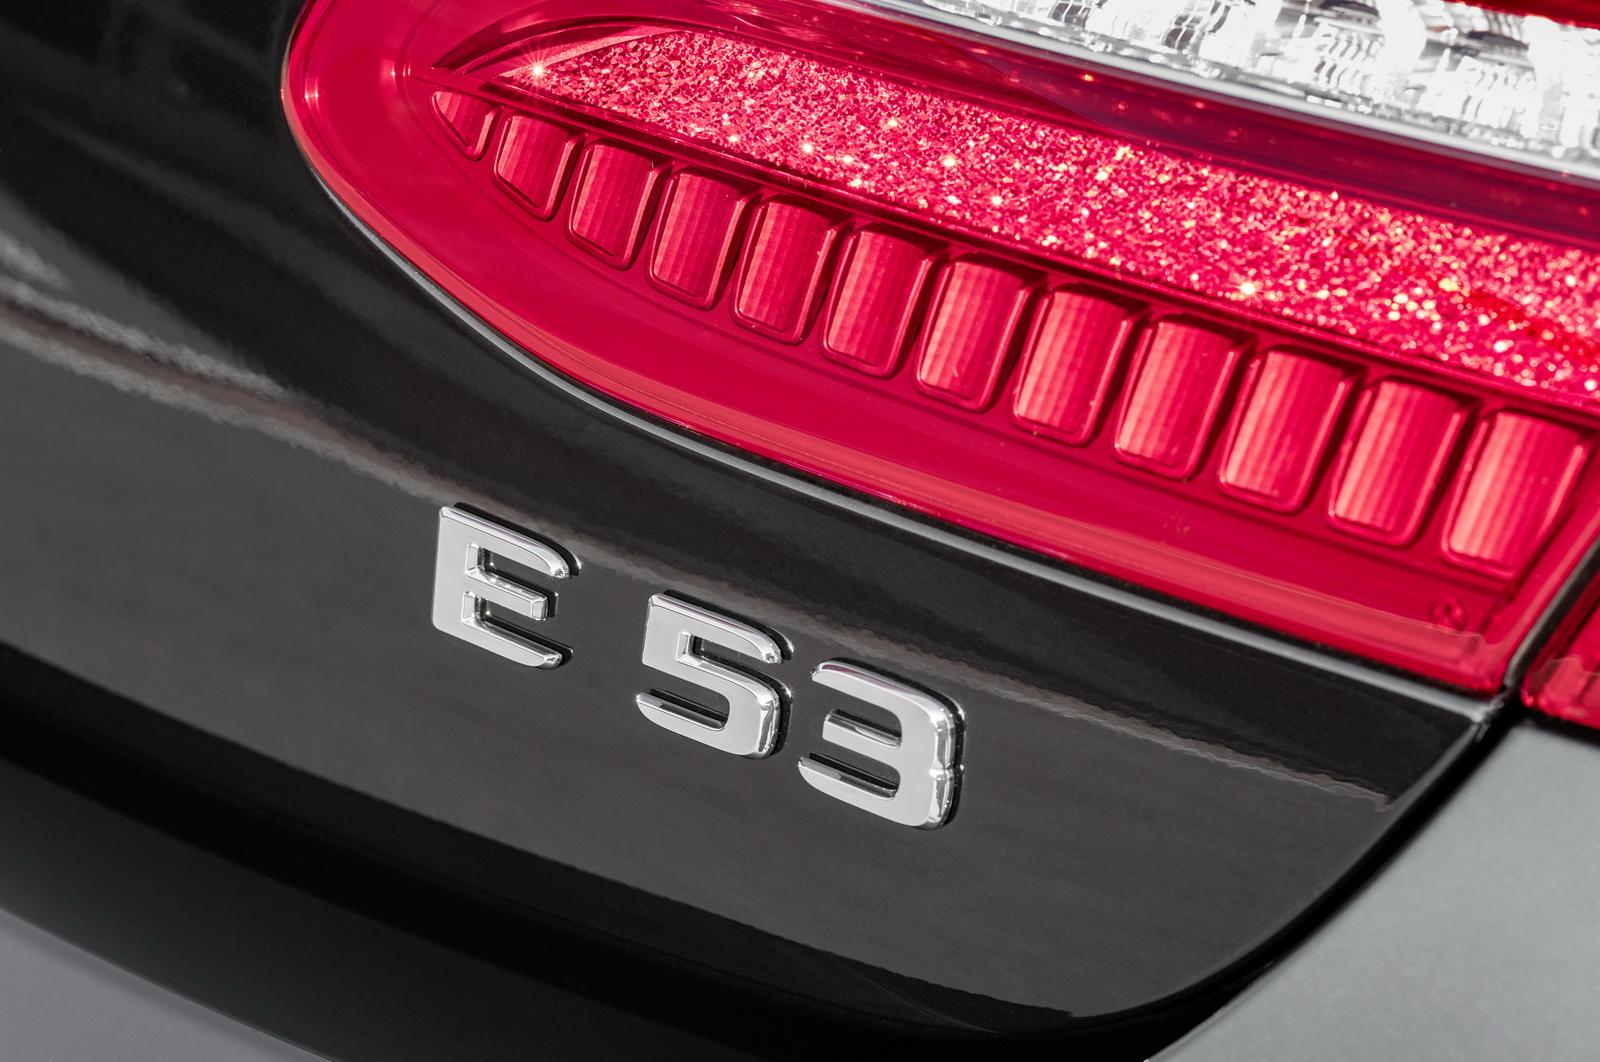 Mercedes-AMG E 53 4MATIC+ CoupéExterieur: Obsidianschwarz metallic // Exterior: Obsidian black metallic(Kraftstoffverbrauch kombiniert: 8,4 l/100 km; CO2-Emissionen kombiniert: 200 g/km)(fuel consumption combined: 8.4 l/100 km; CO2 emissions combined: 200 g/km)